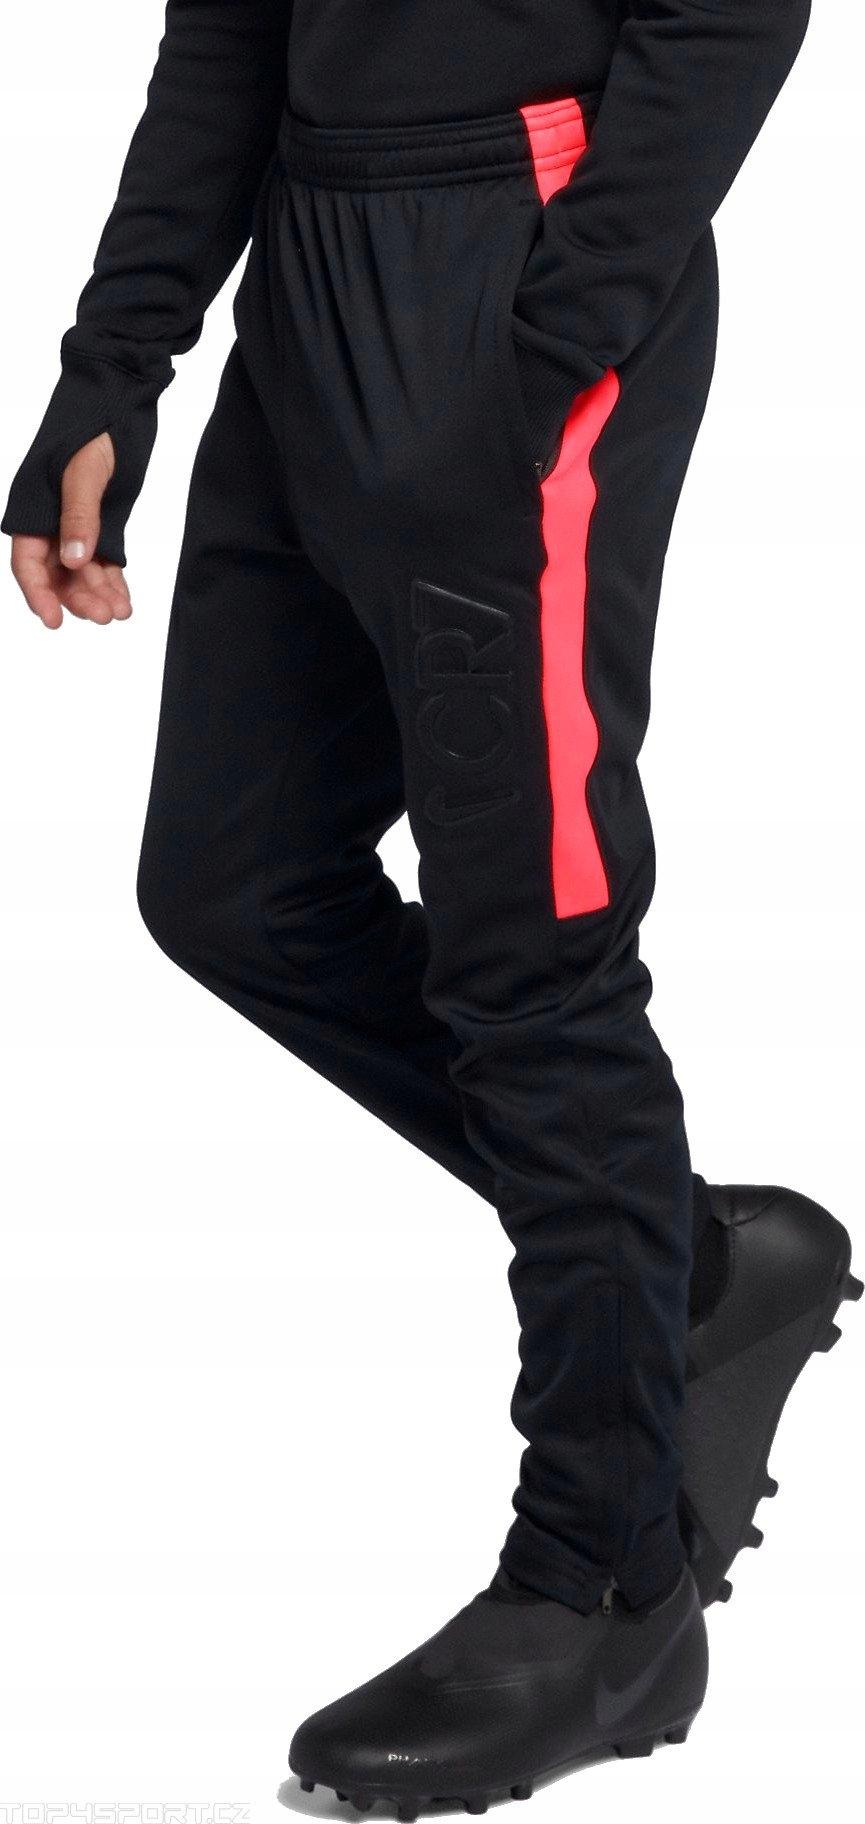 c6a2fbd9f Spodnie Nike Dry CR7 RONALDO AA9922 010 NOWOŚĆ 137 - 7806690325 ...